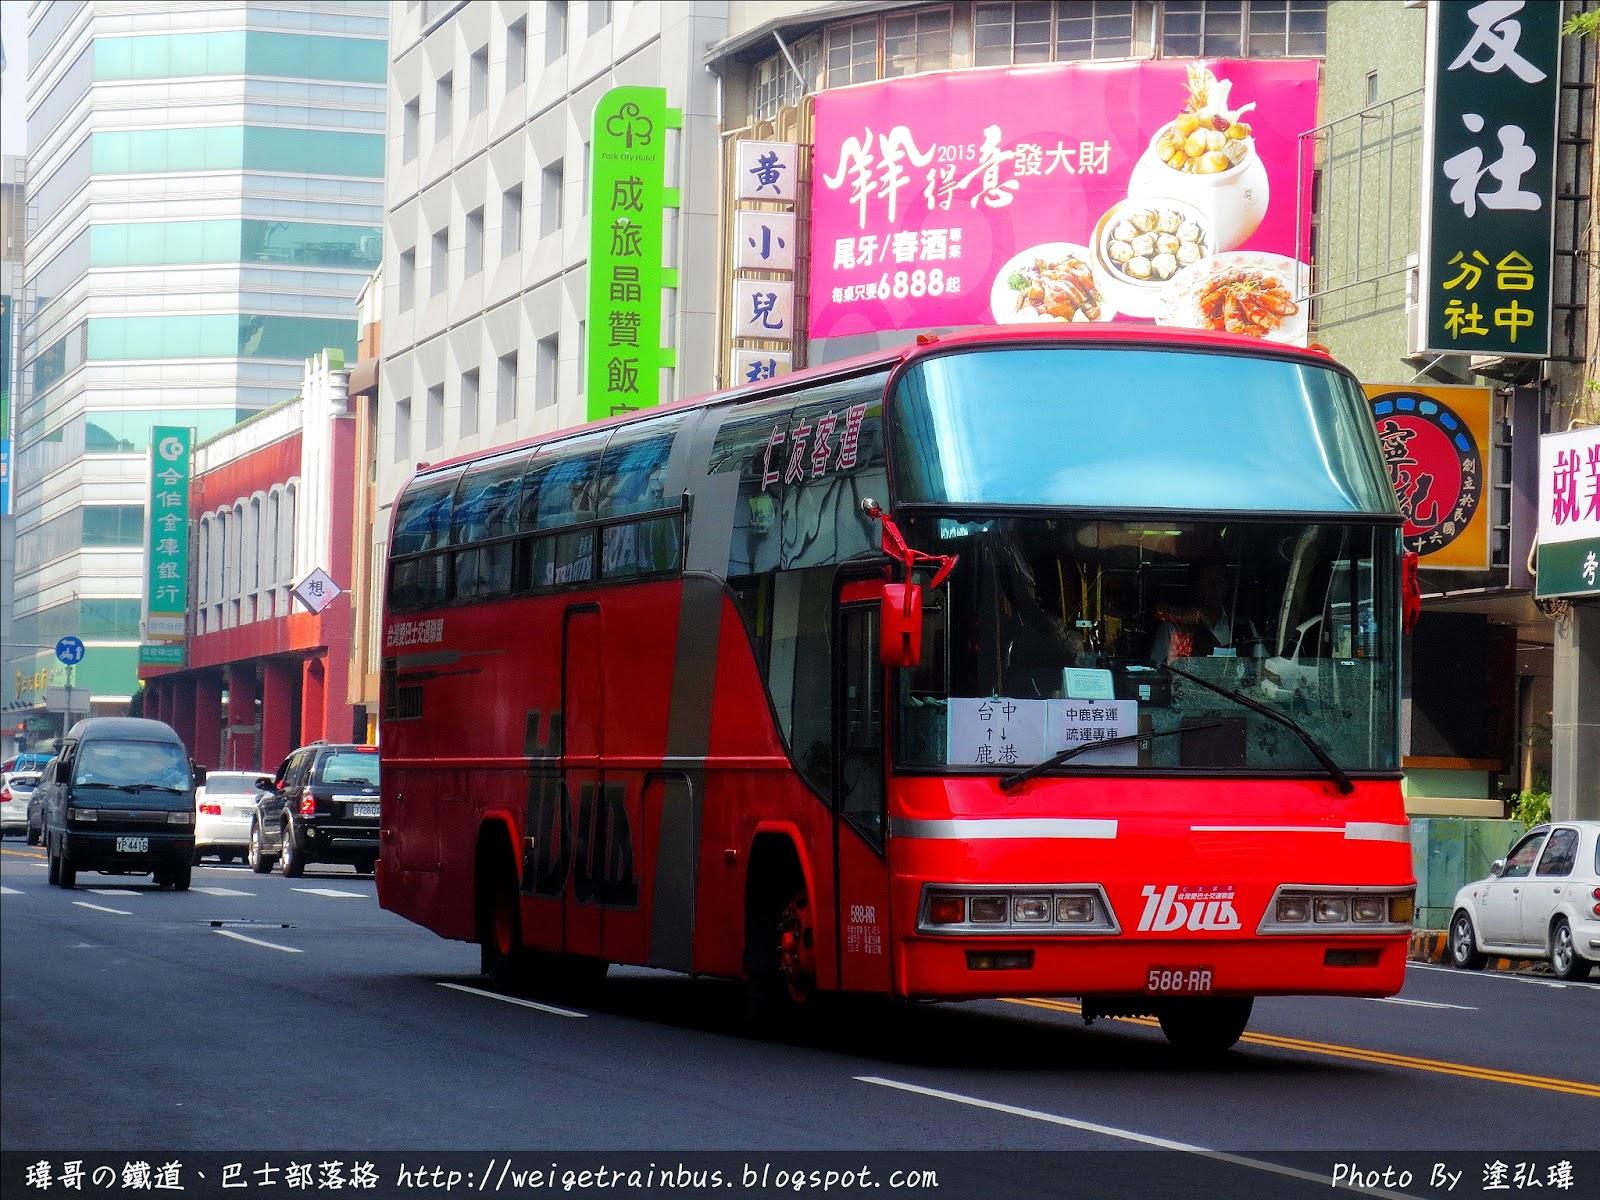 瑋哥の攝影視界: [紅牌遊覽車(-RR)] 588-RR